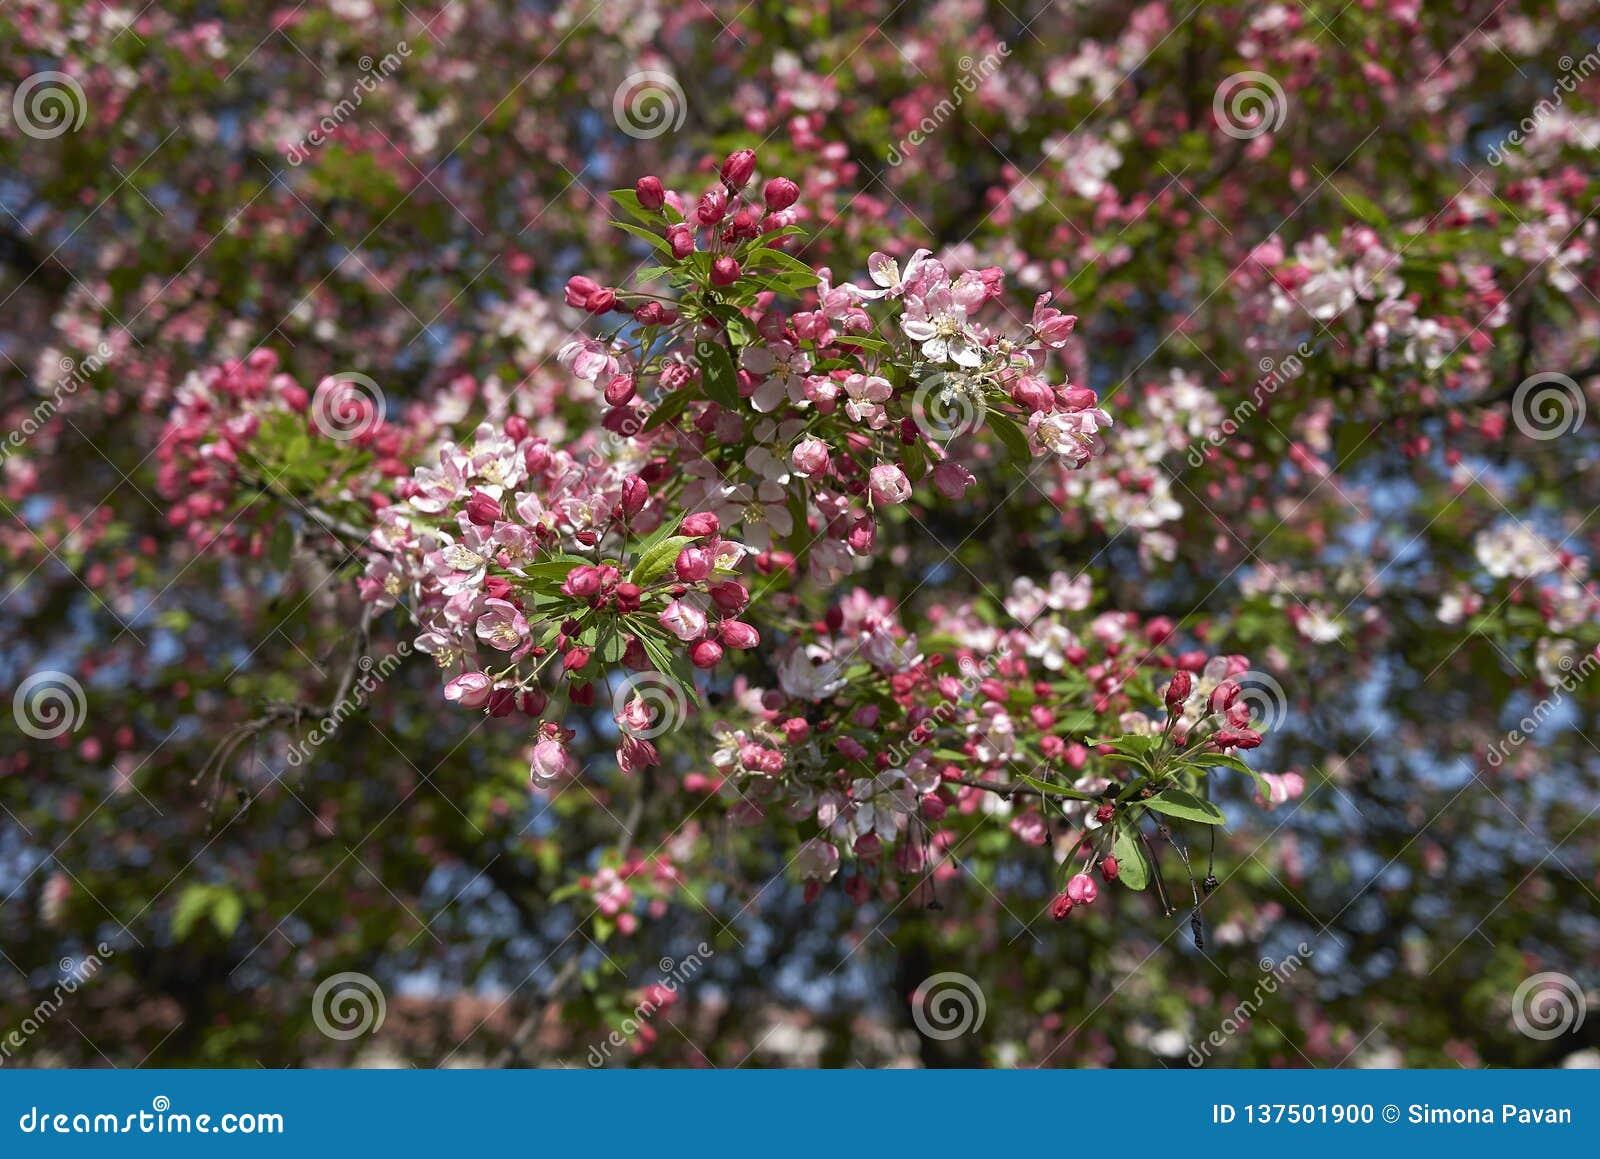 De roze en witte bloesem van Malusfloribunda